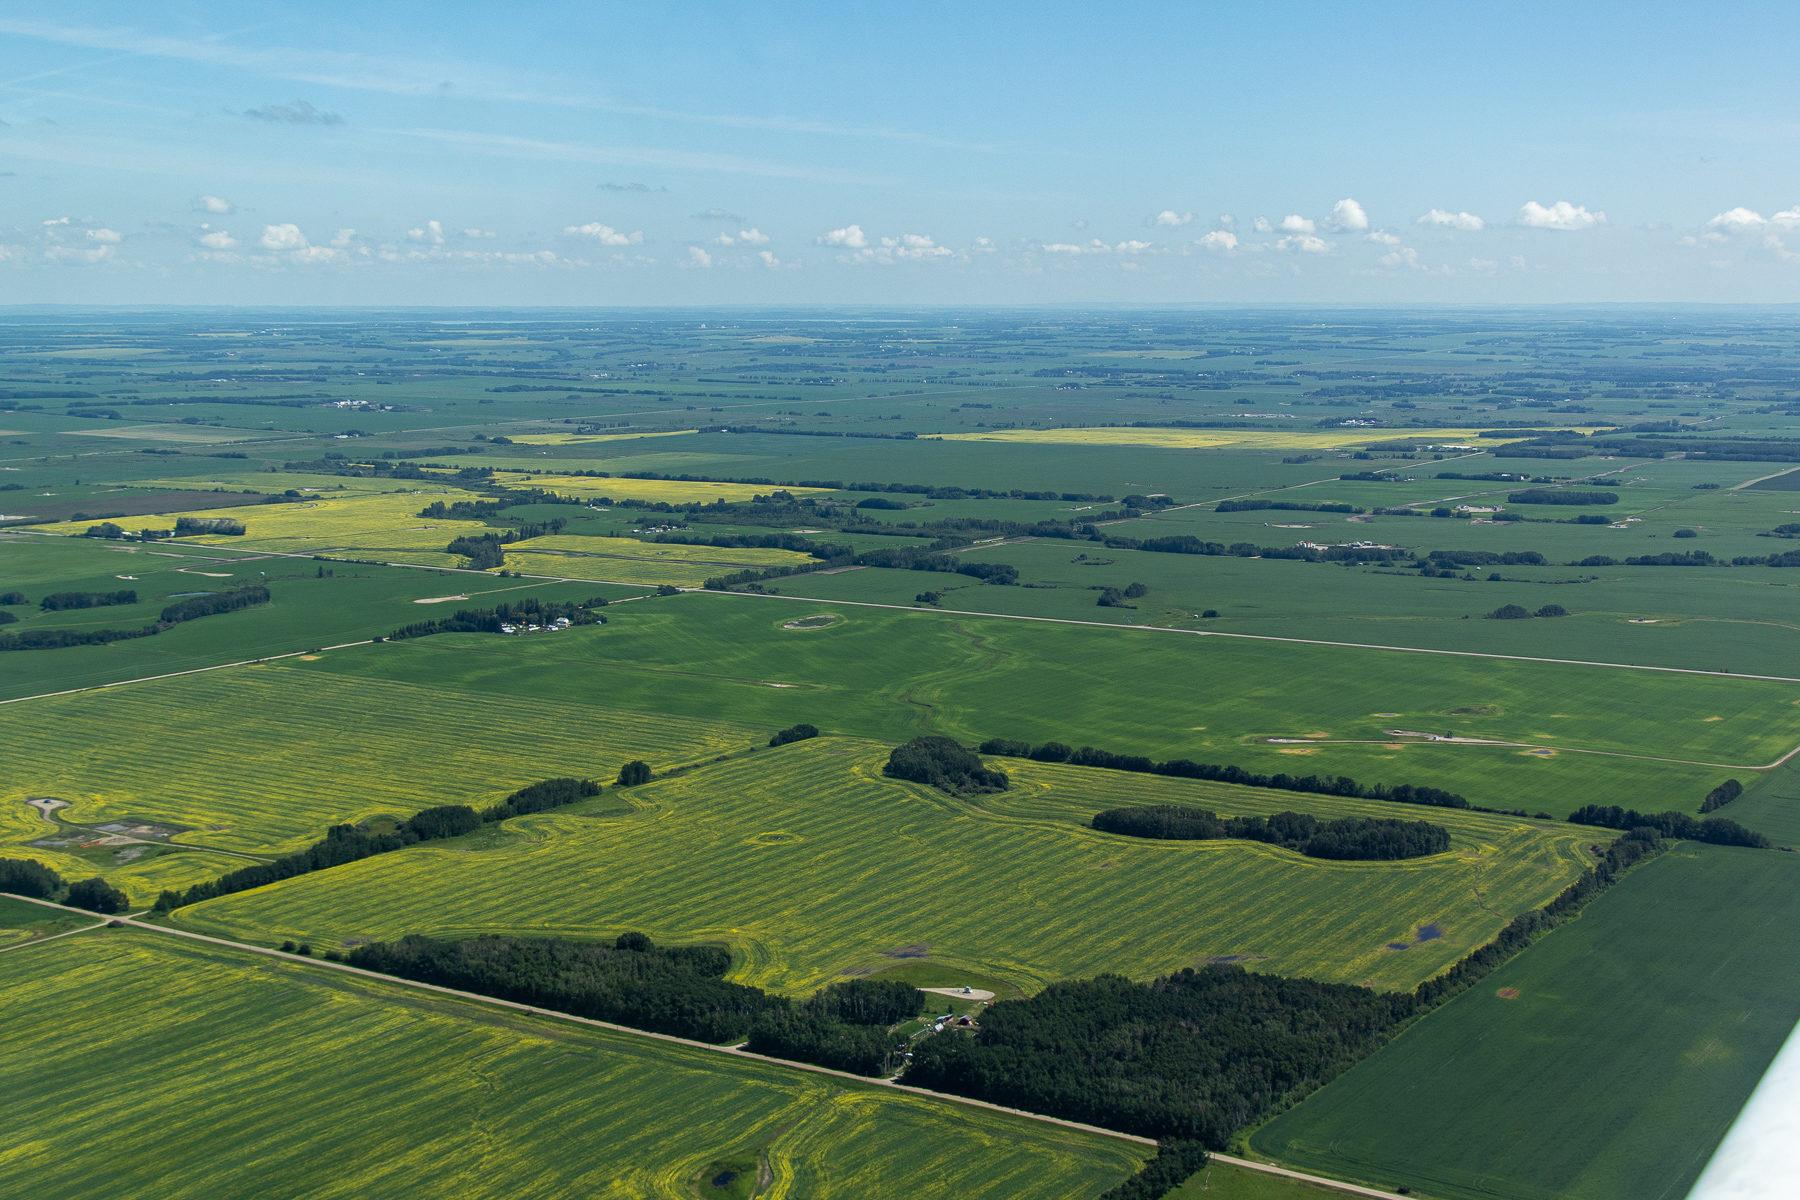 Von oben sieht Alberta ganz klein aus. In der Ferne sind die Rocky Mountains von Wolken verhangen.